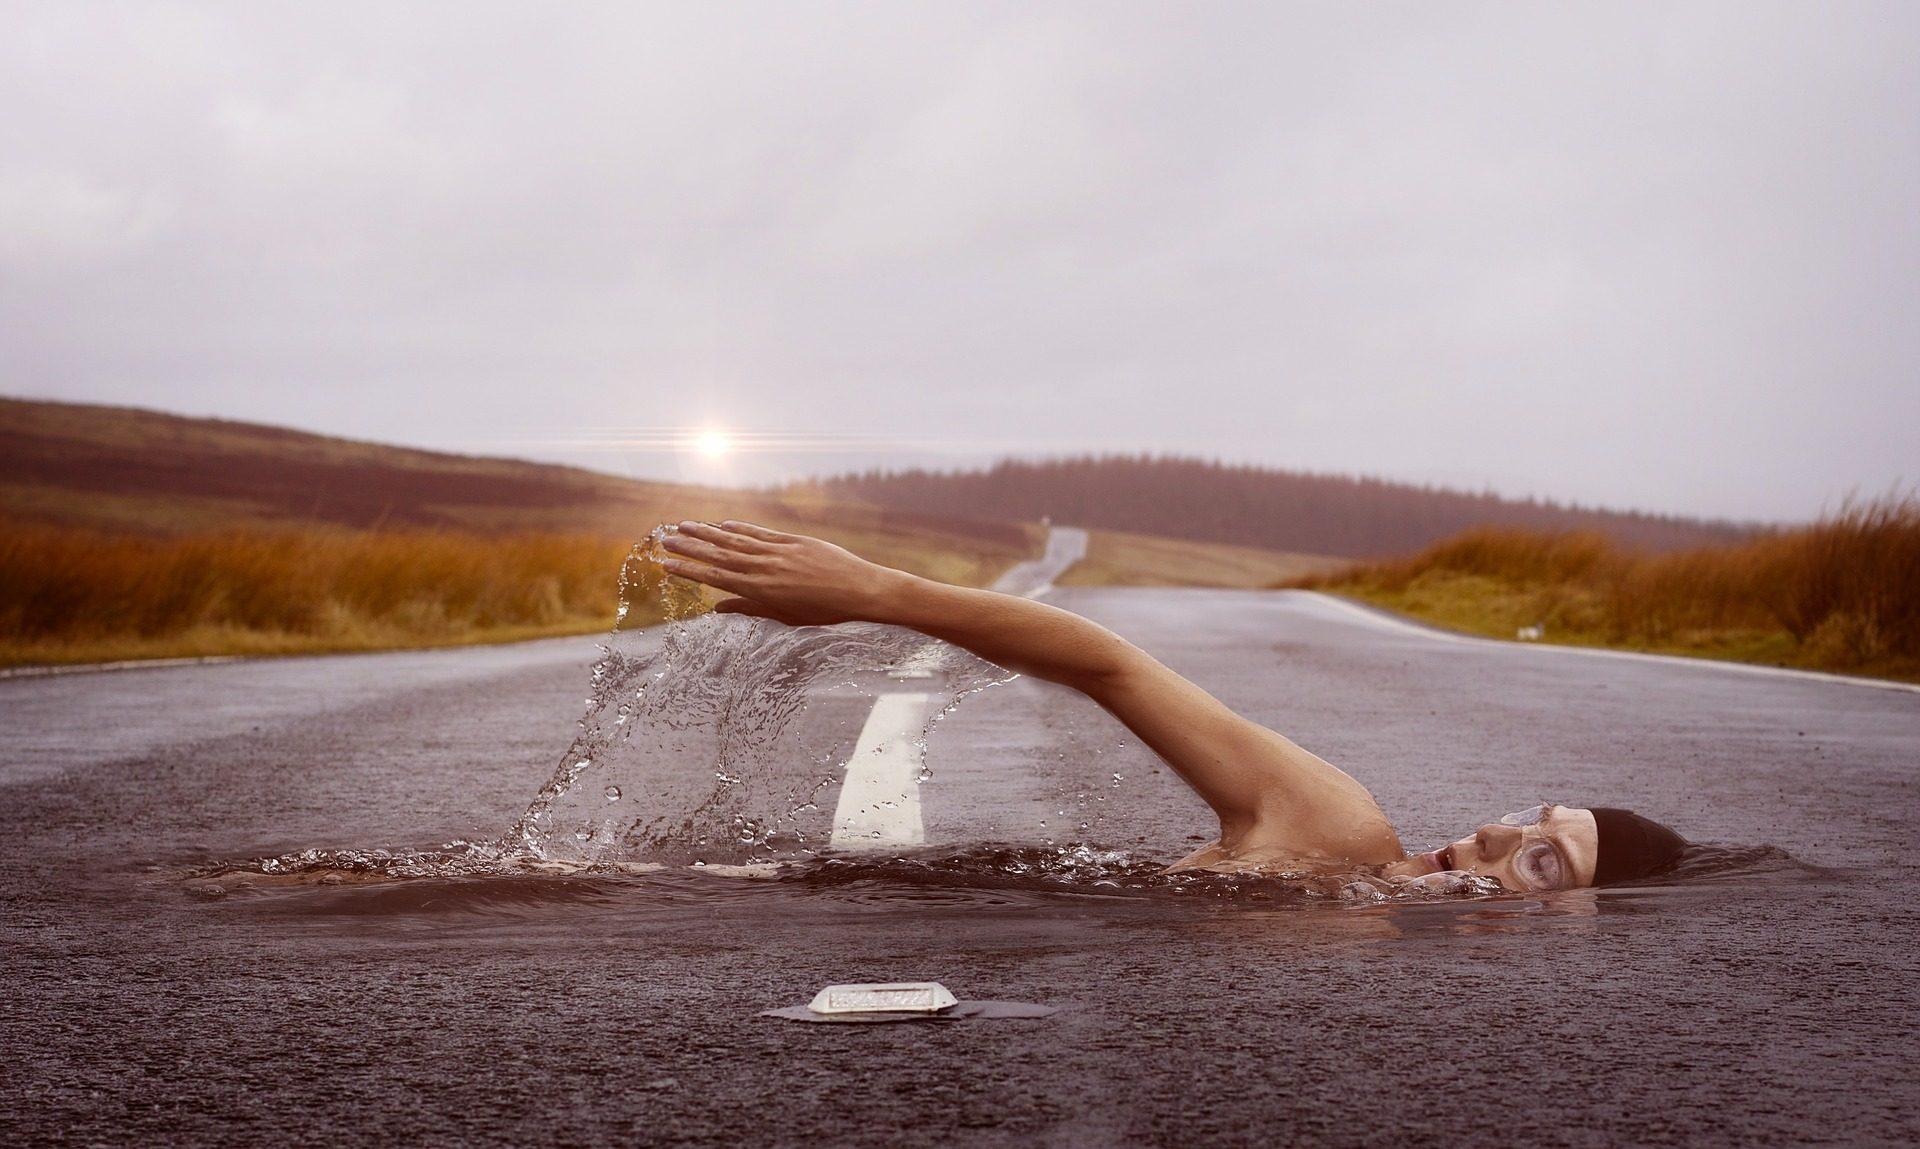 carretera, الطريق, السباح, المياه, جهد - خلفيات عالية الدقة - أستاذ falken.com